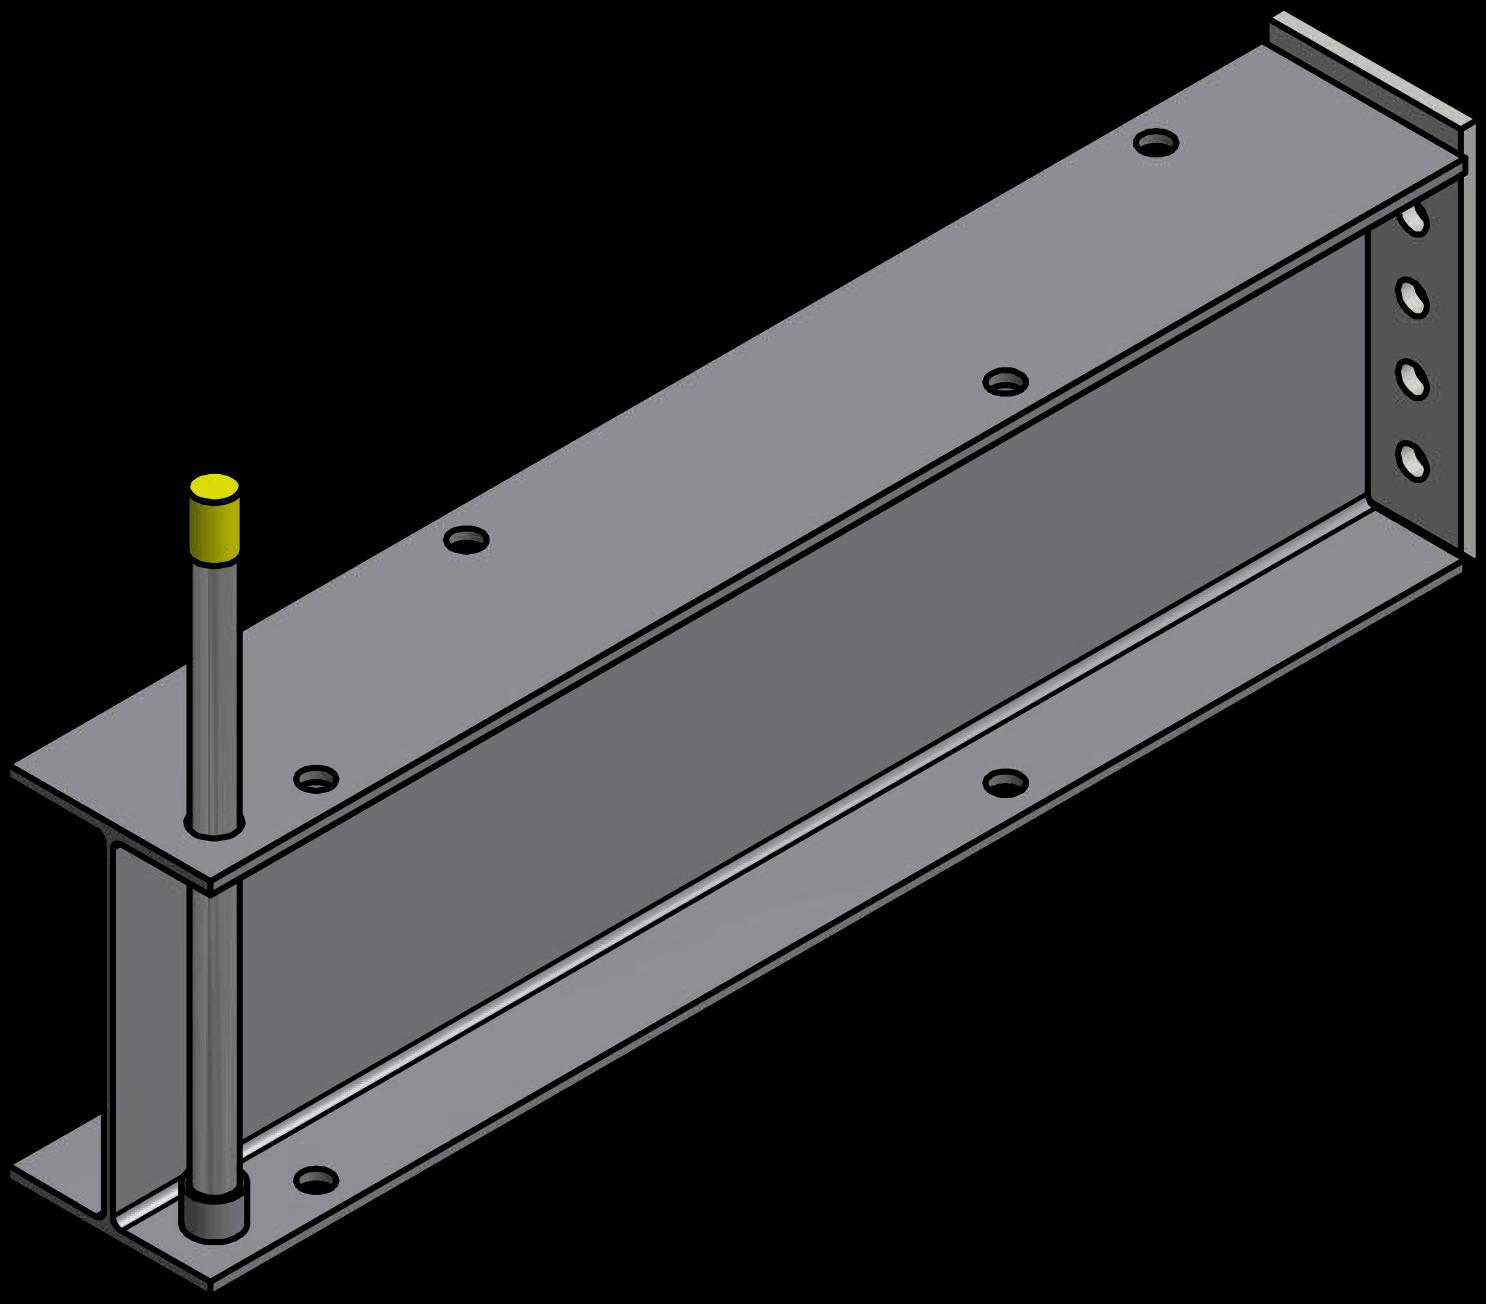 Aws d1.1 structural welding code